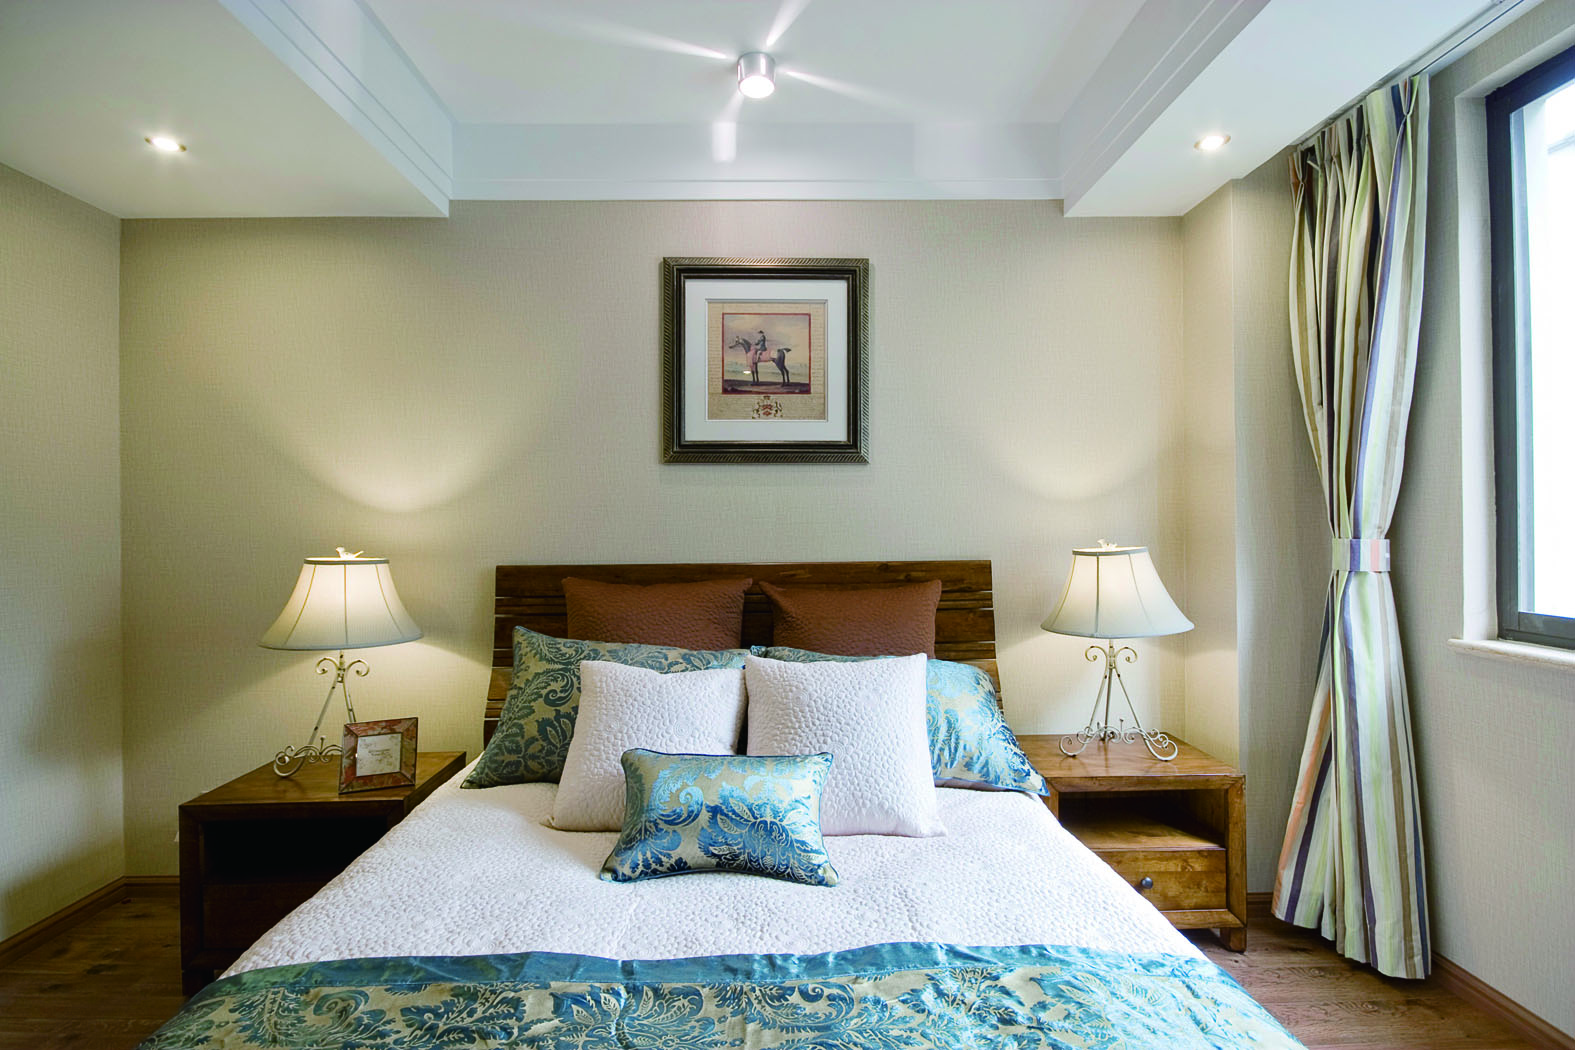 混搭风格二居卧室装修效果图